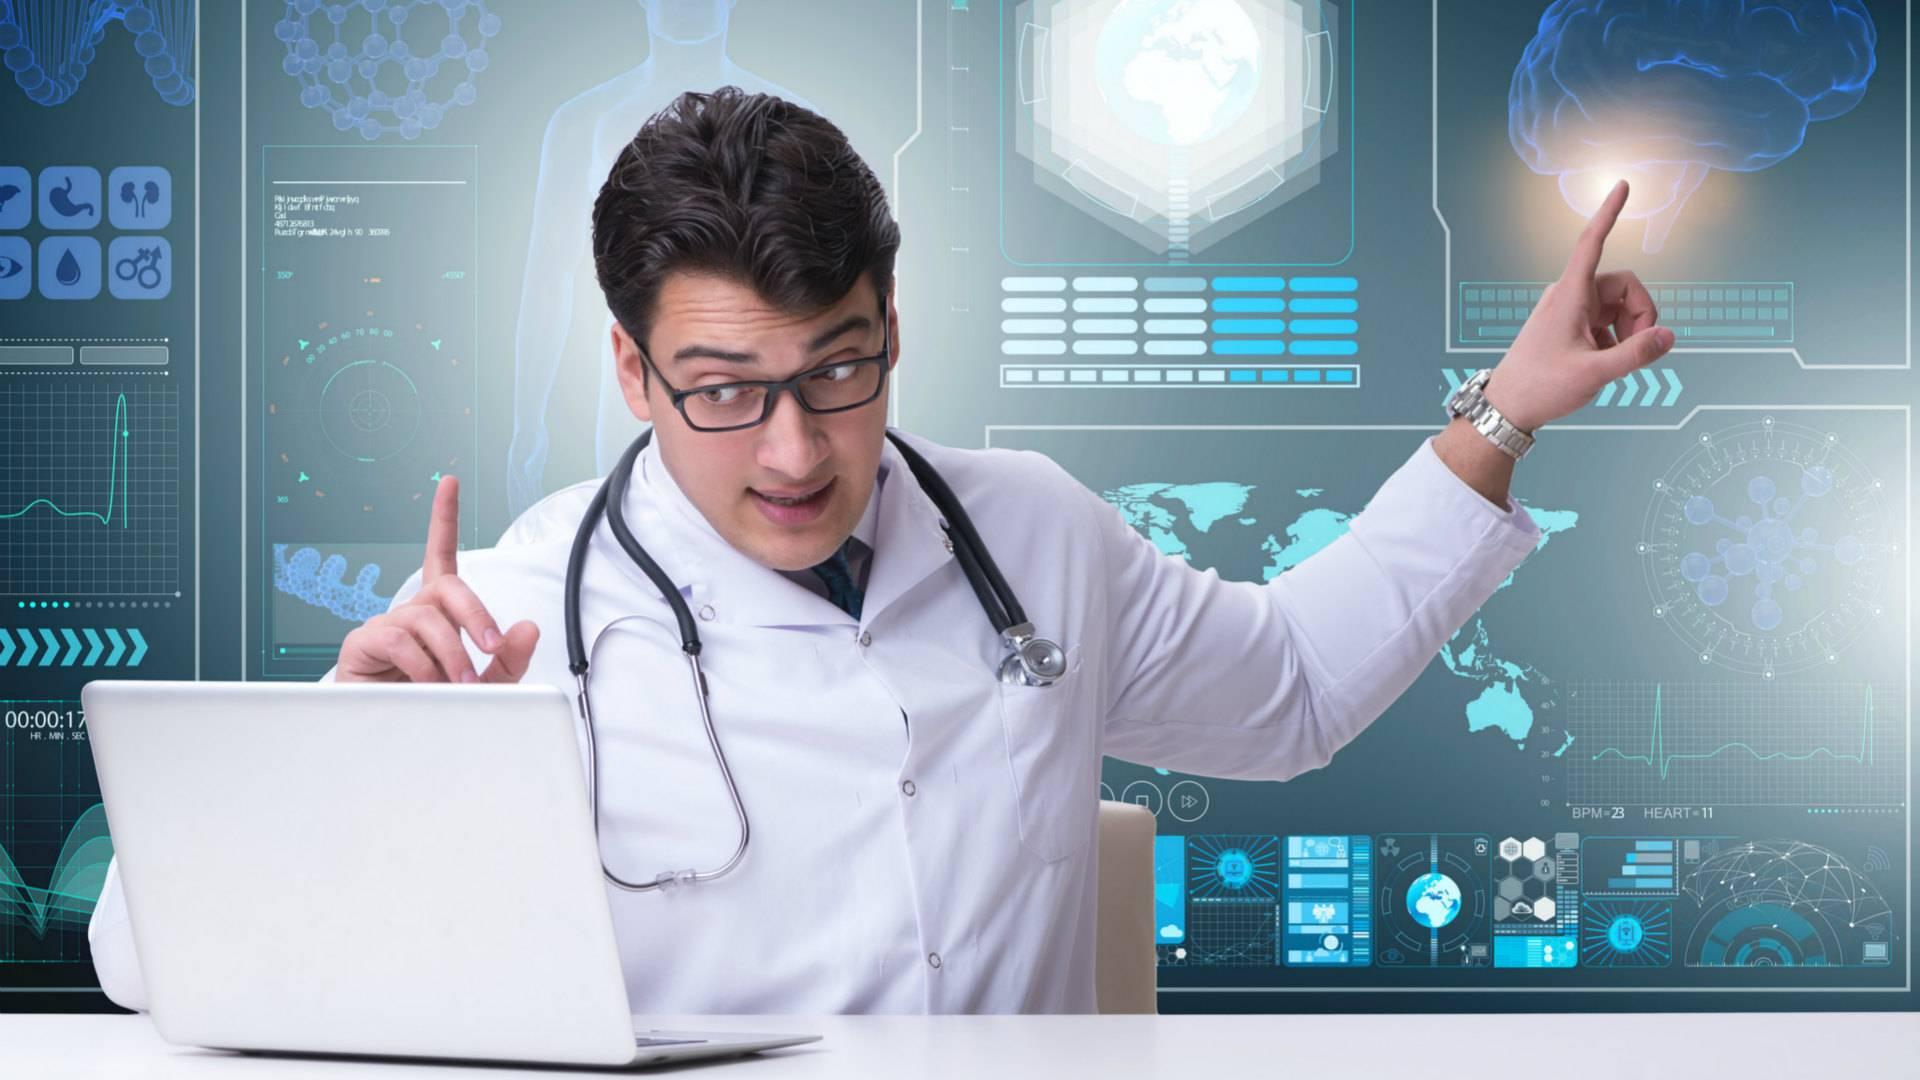 2019中国医疗人工智能市场研究报告